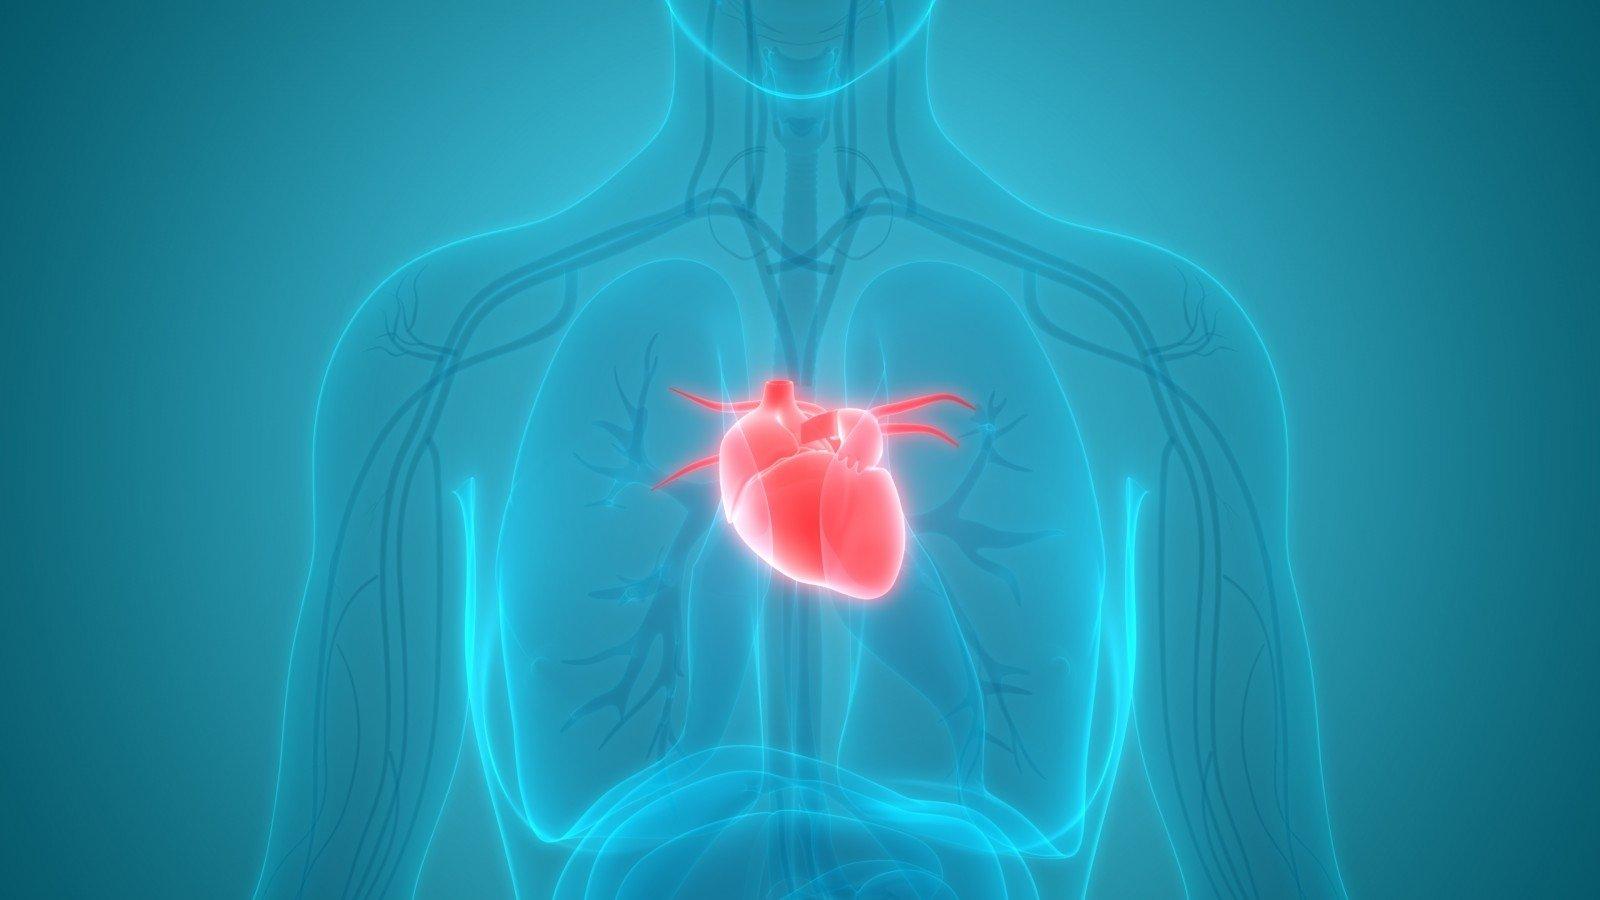 Nesveika širdis vasarą kelia ypatingą pavojų: 5 kardiologės patarimai kaip išvengti negalavimų